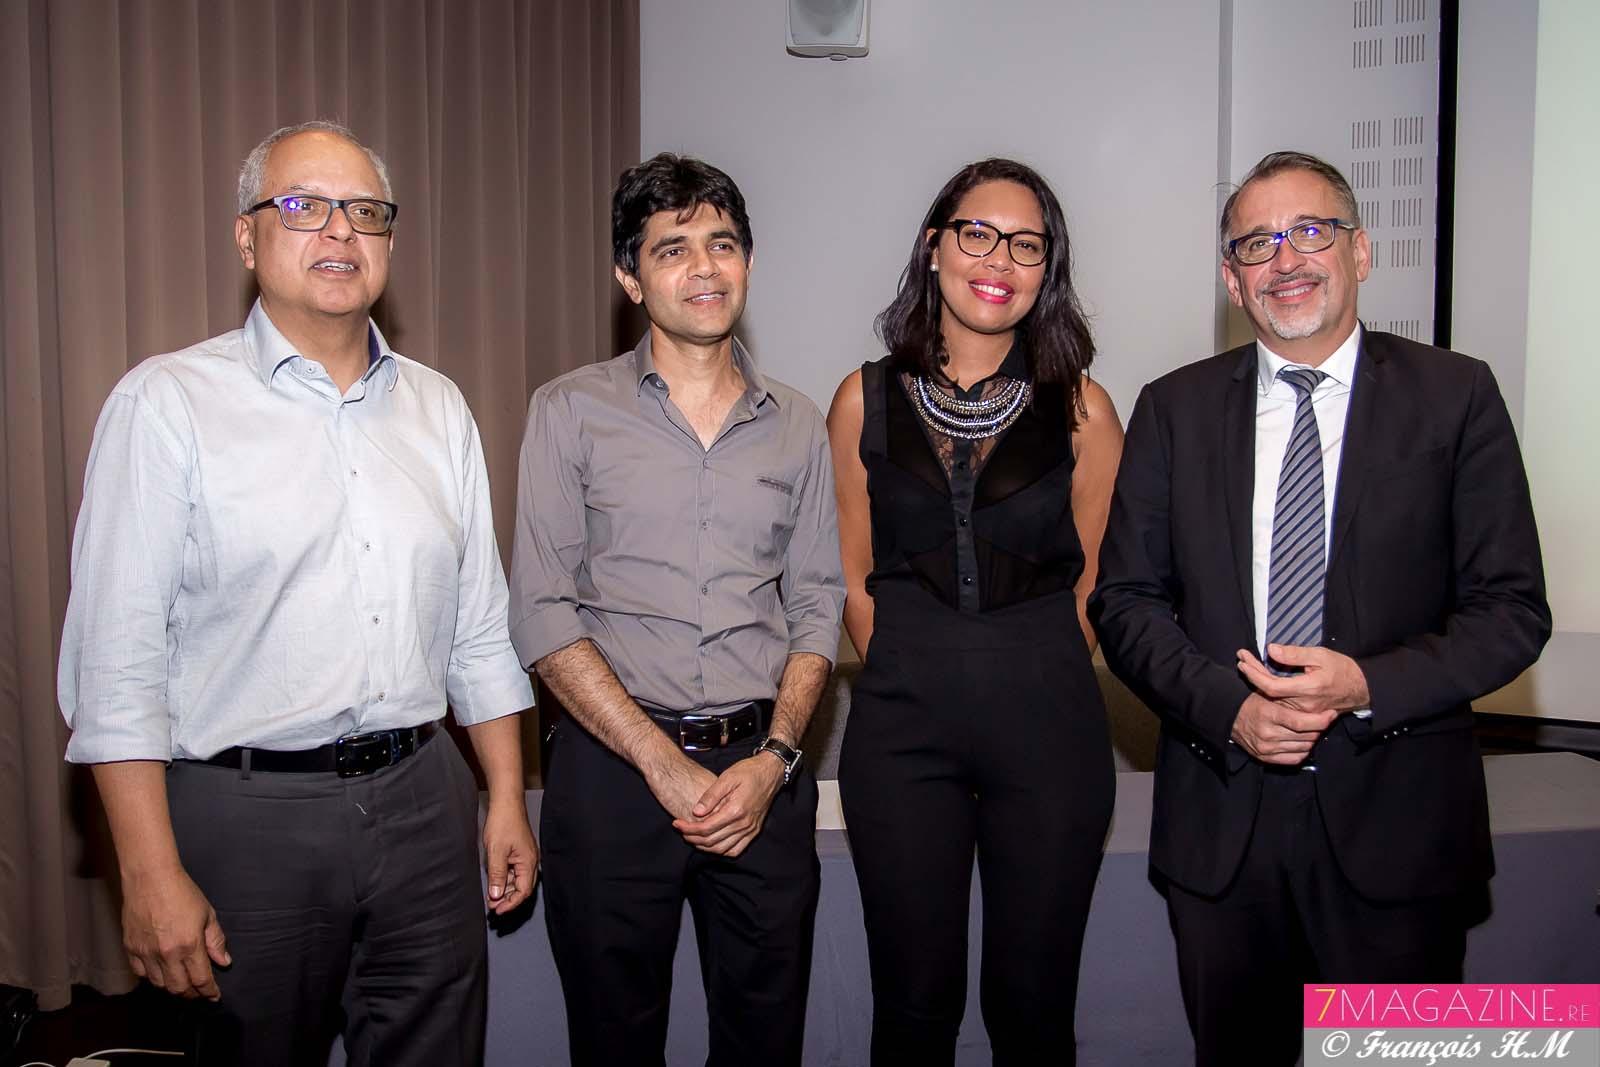 Didier Fauchard, Mohammed Patel, Anne Hoarau et Michel Swieton